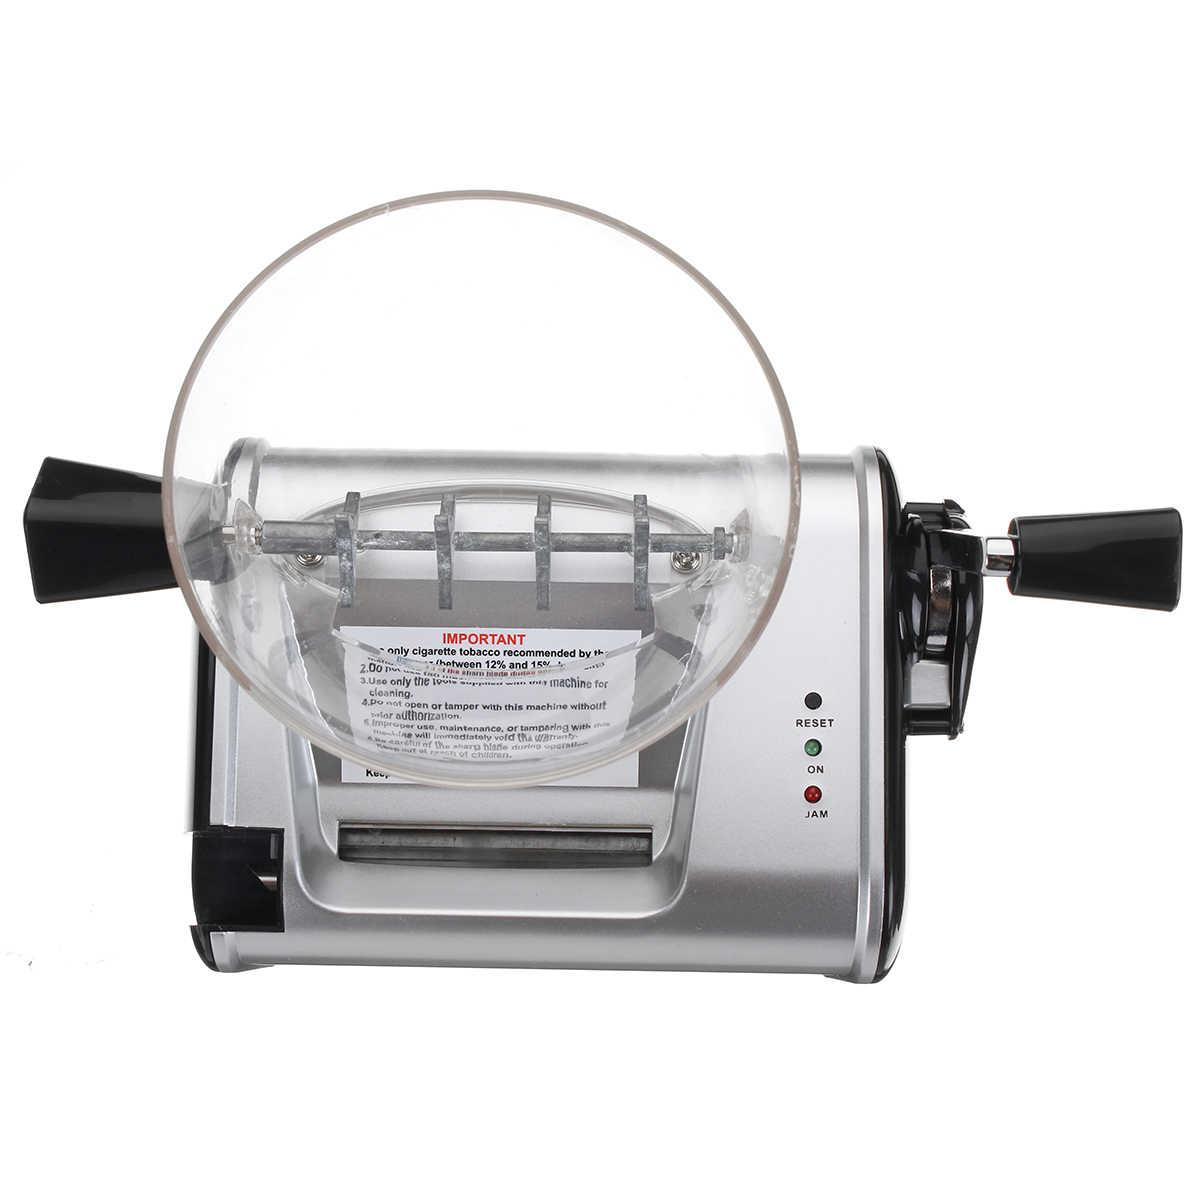 عالية الجودة 220 V الكهربائية التلقائي صنع المتداول آلة السجائر التبغ الأسطوانة صانع حقن 8 مللي متر أنبوب المحمولة التدخين أداة